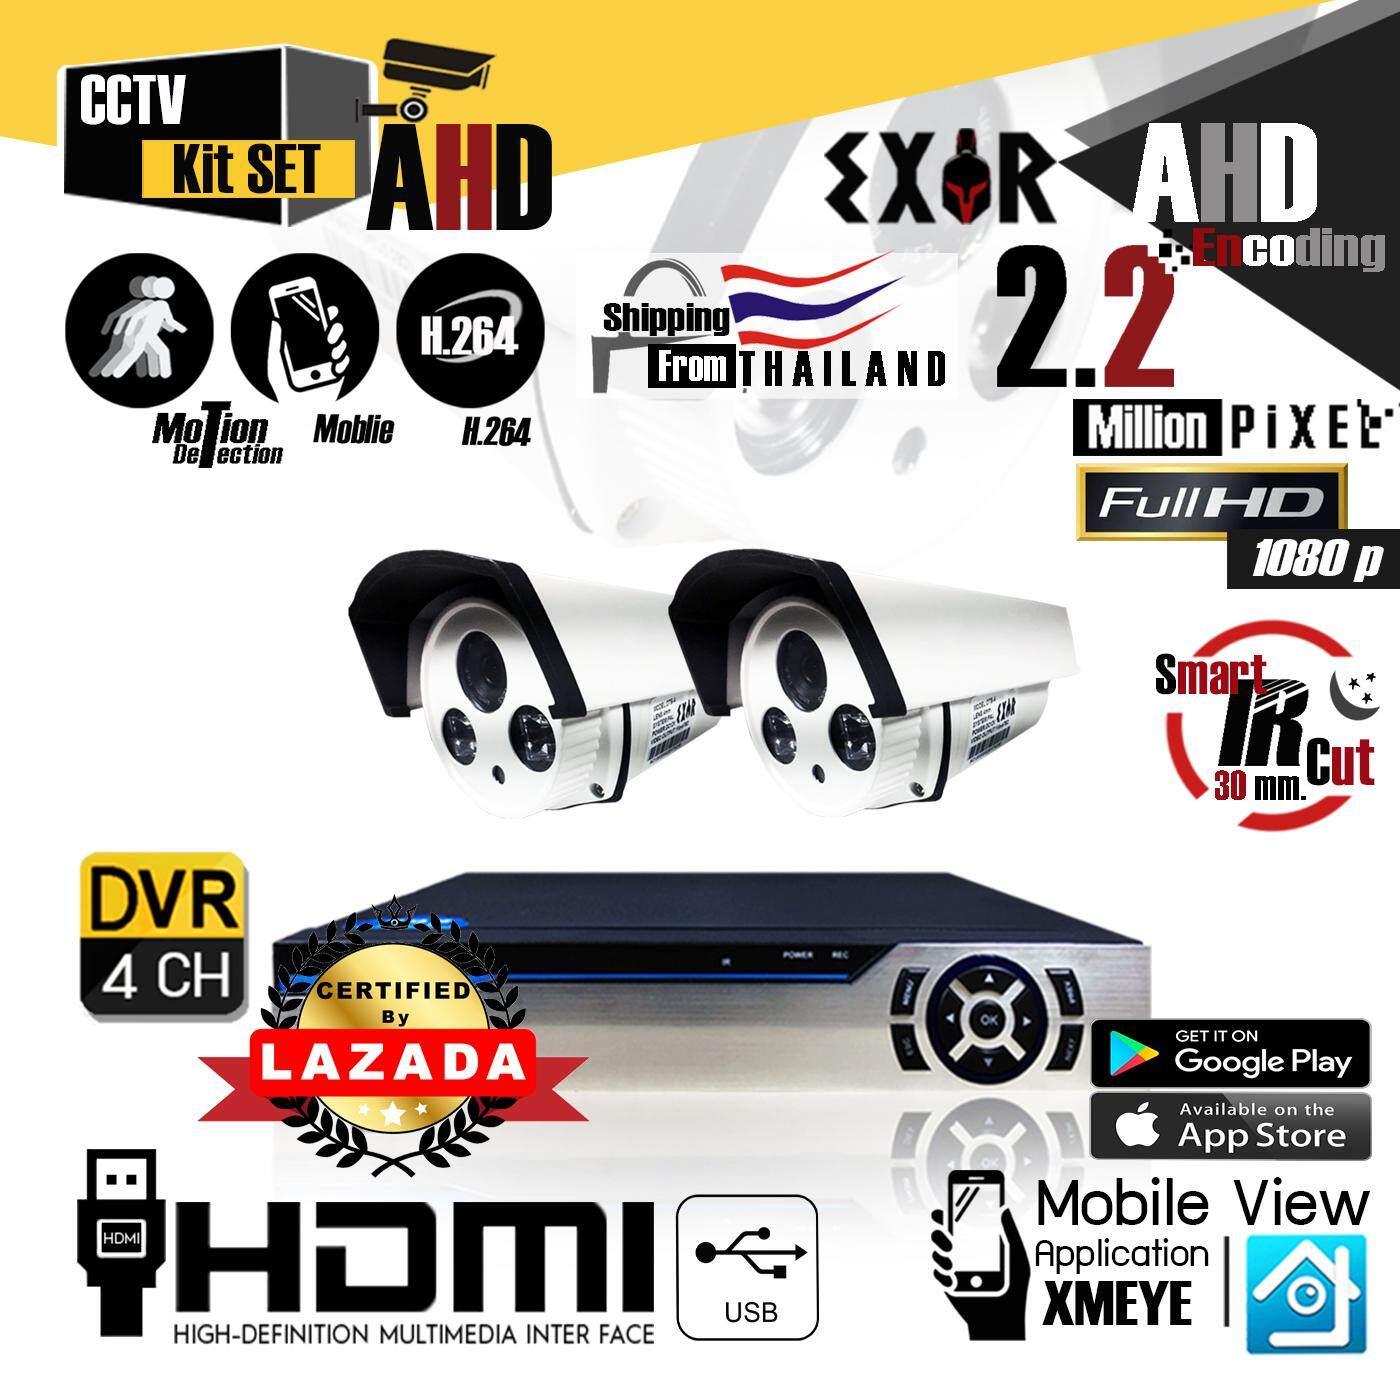 ส่วนลดถูกสุด ๆ ชุดกล้องวงจรปิด EXIR CCTV 4CH AHD Kit Set 2.2 ล้านพิกเซล Full HD 1080P กล้อง 2 ตัว ทรงกระบอก เลนส์ 4mm IR cut / Night vision และ เครื่องบันทึก Full HD DVR 4 CH 6 in 1 DIUS ( DTR-AFS1080B04BN ) ทนแดด ทนฝน